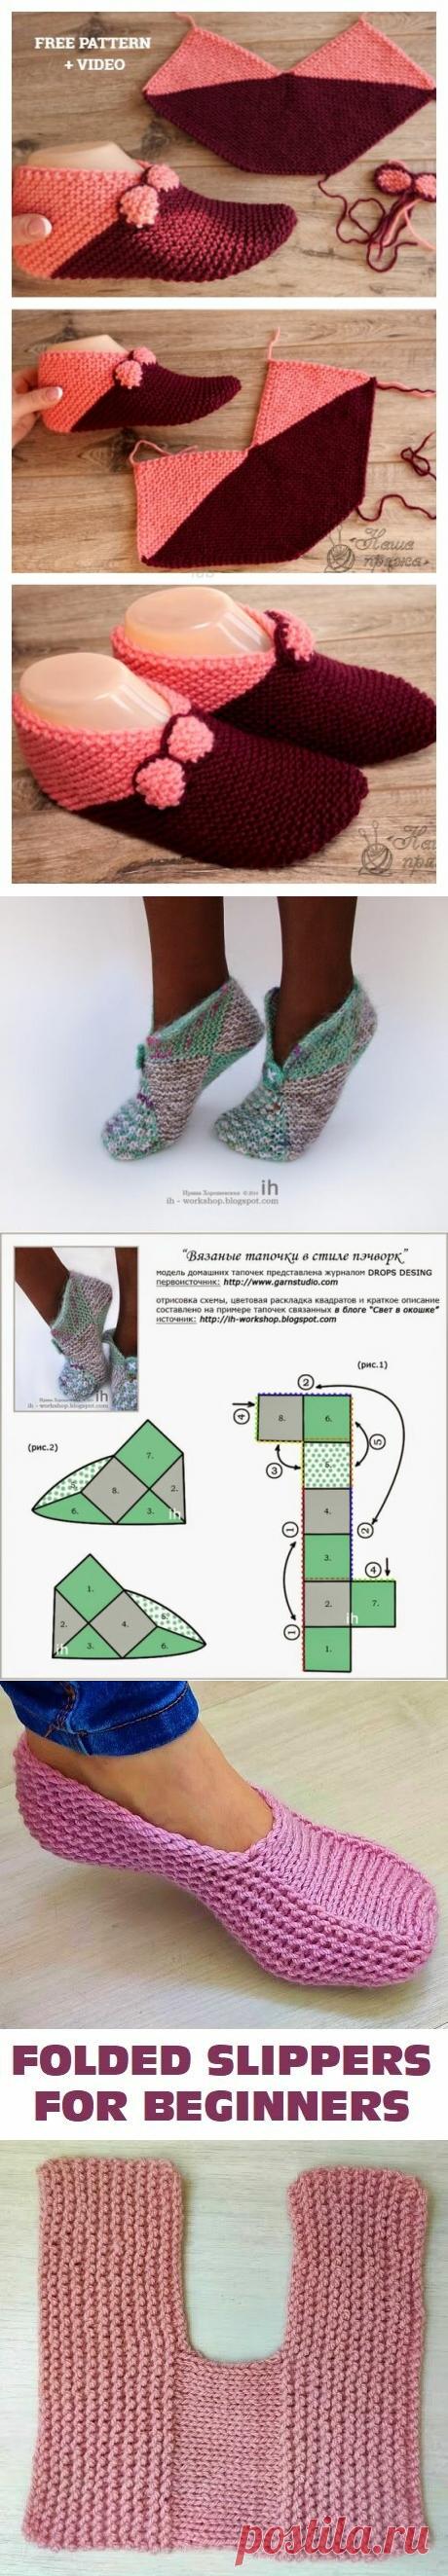 Вязаные тапочки крючком и спицами: большая подборка простых моделей | Только handmade | Яндекс Дзен